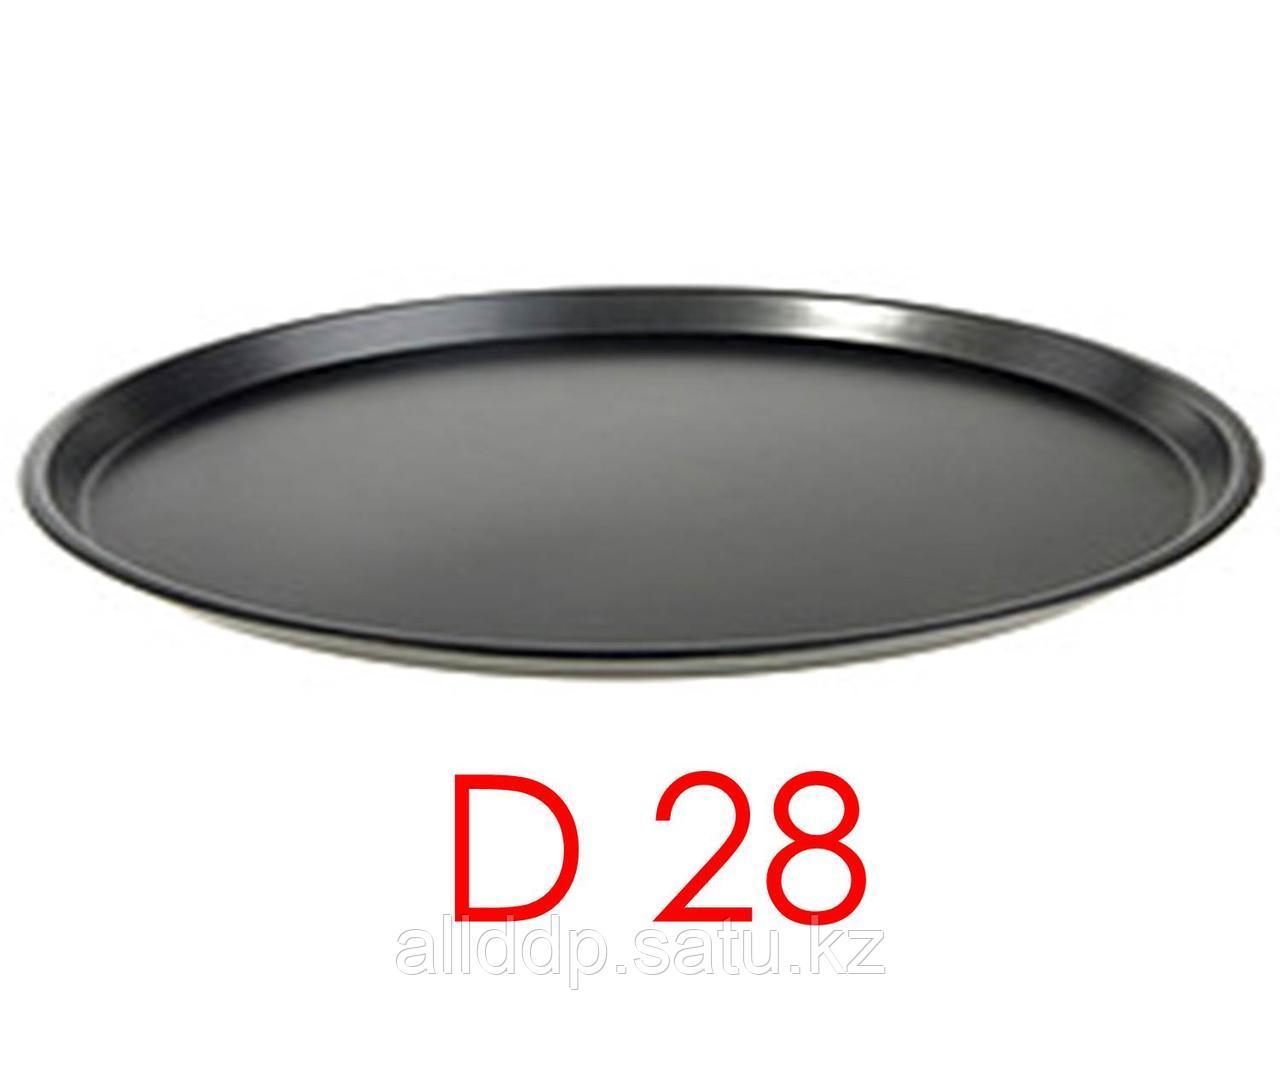 Форма для пиццы, круглая, D 280 мм